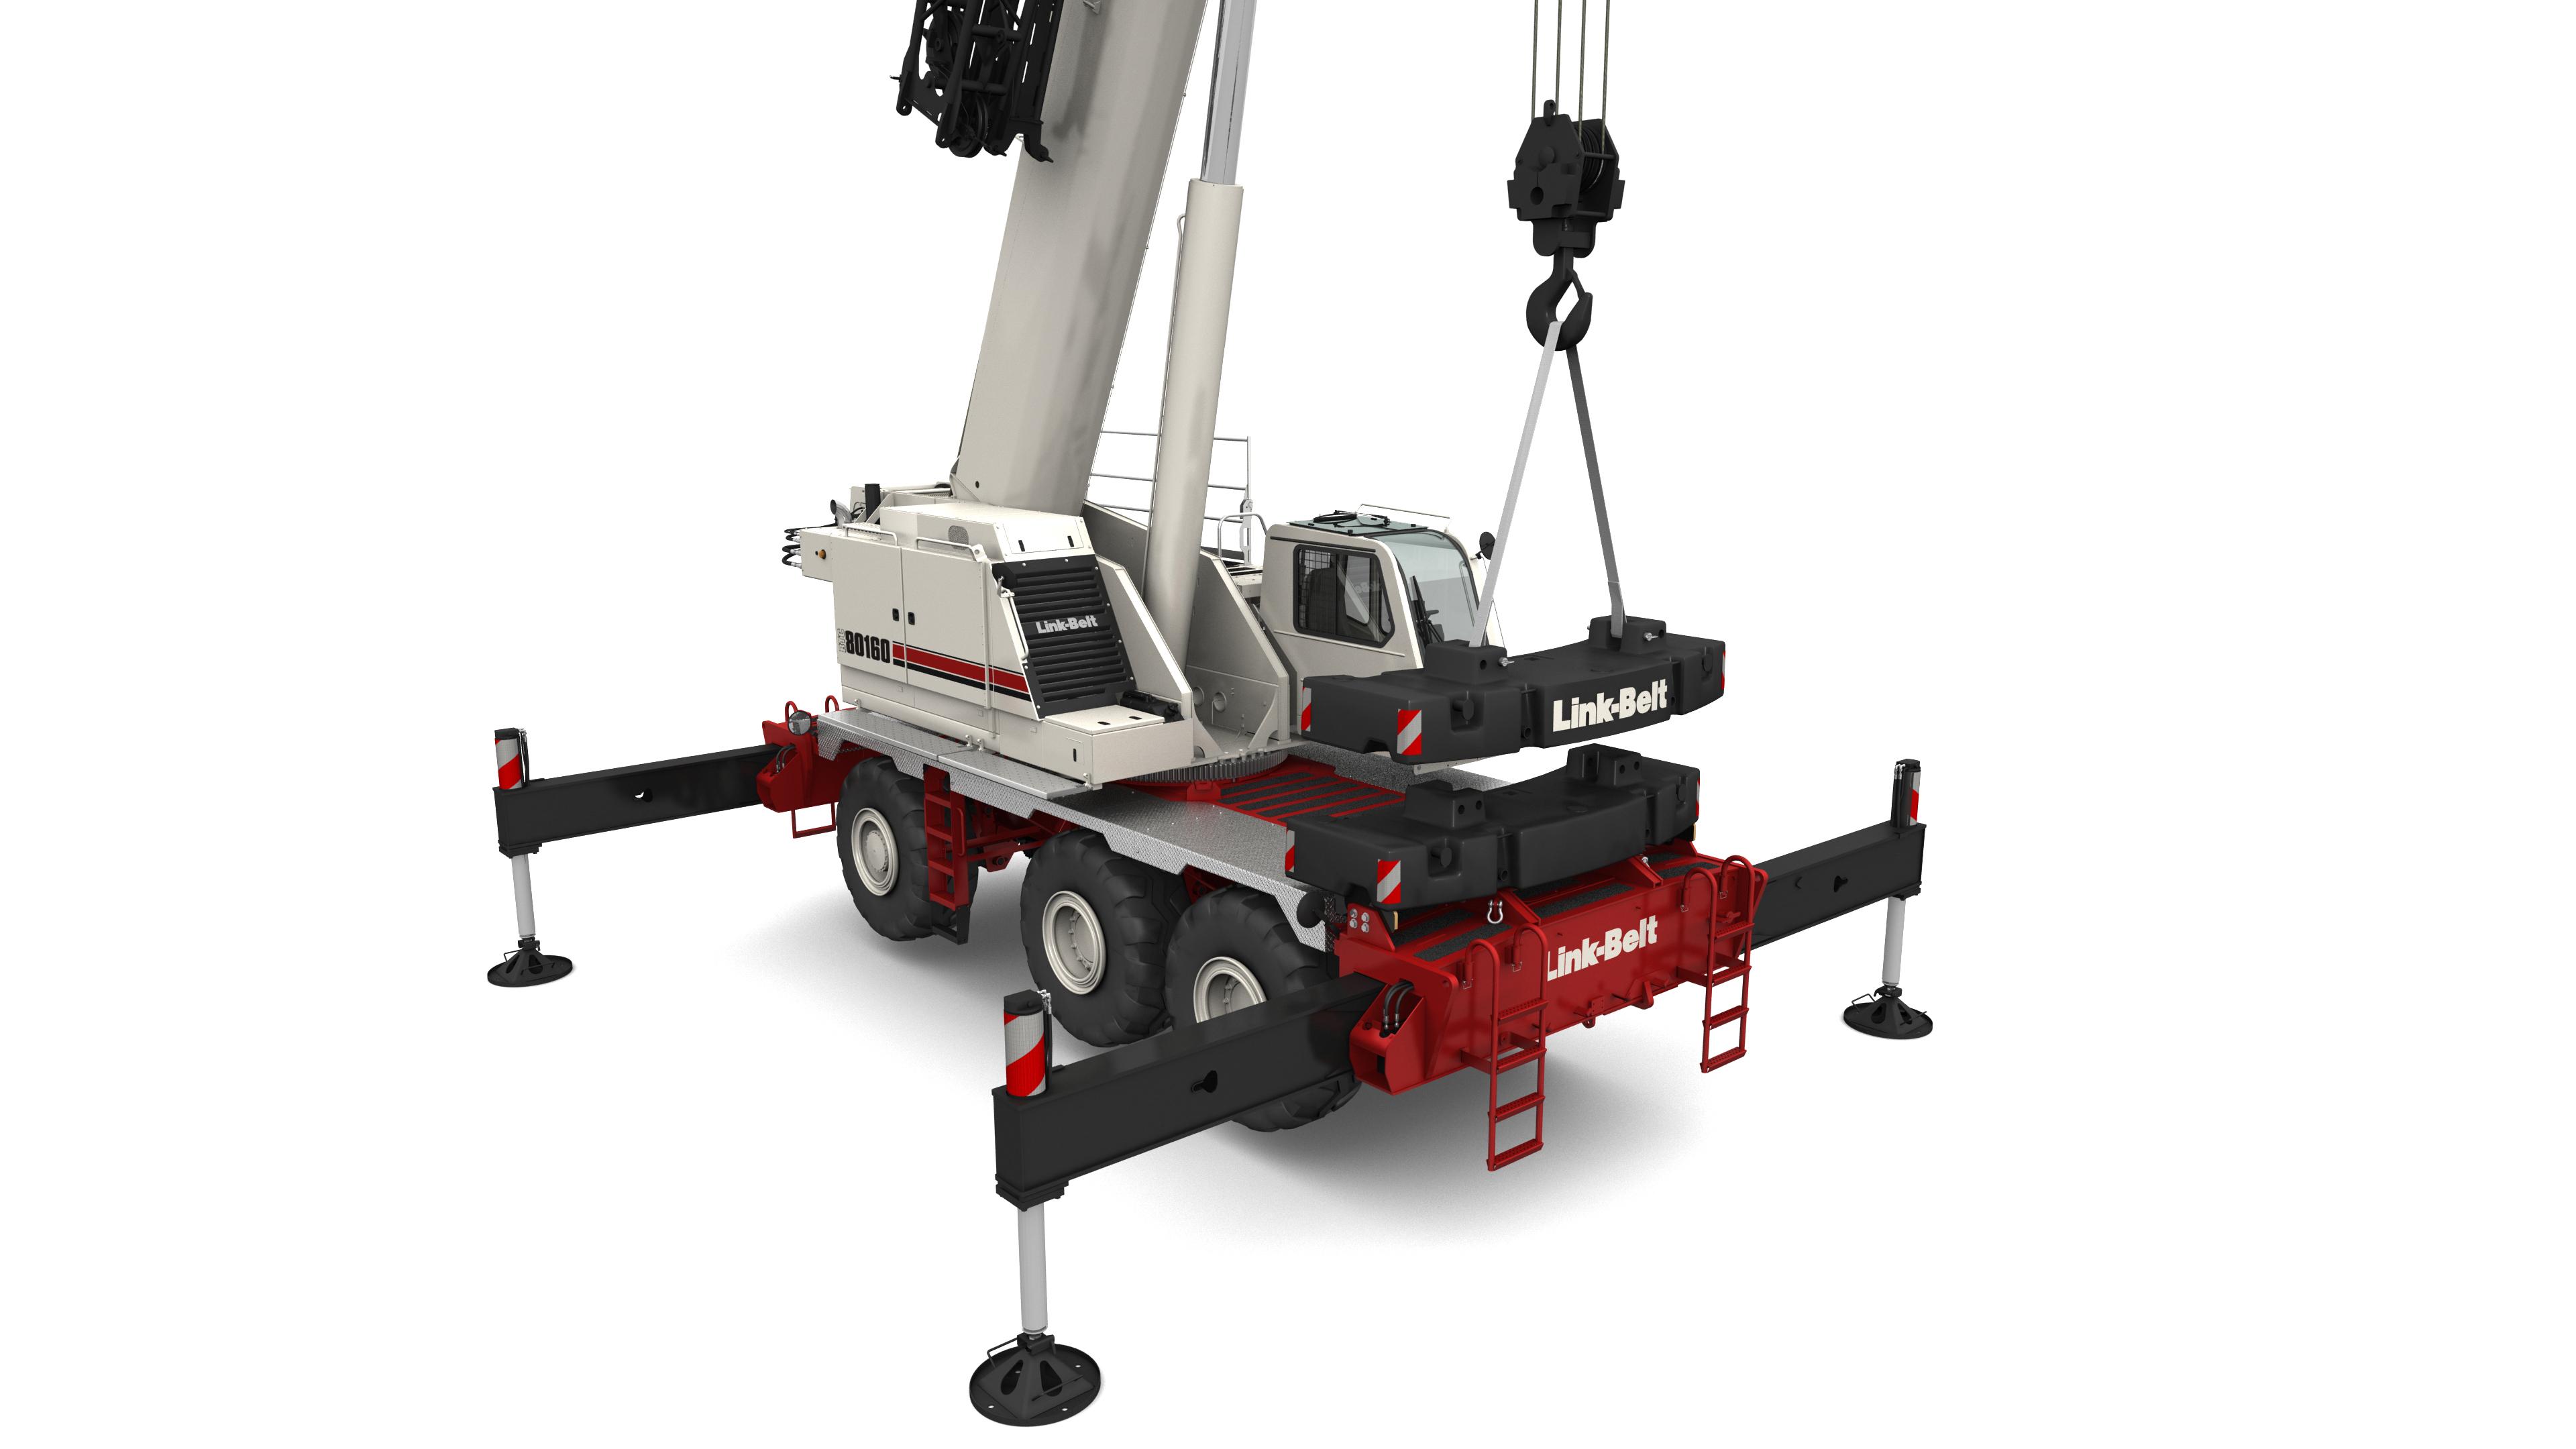 RTC-80160 Series II | Link-Belt Cranes